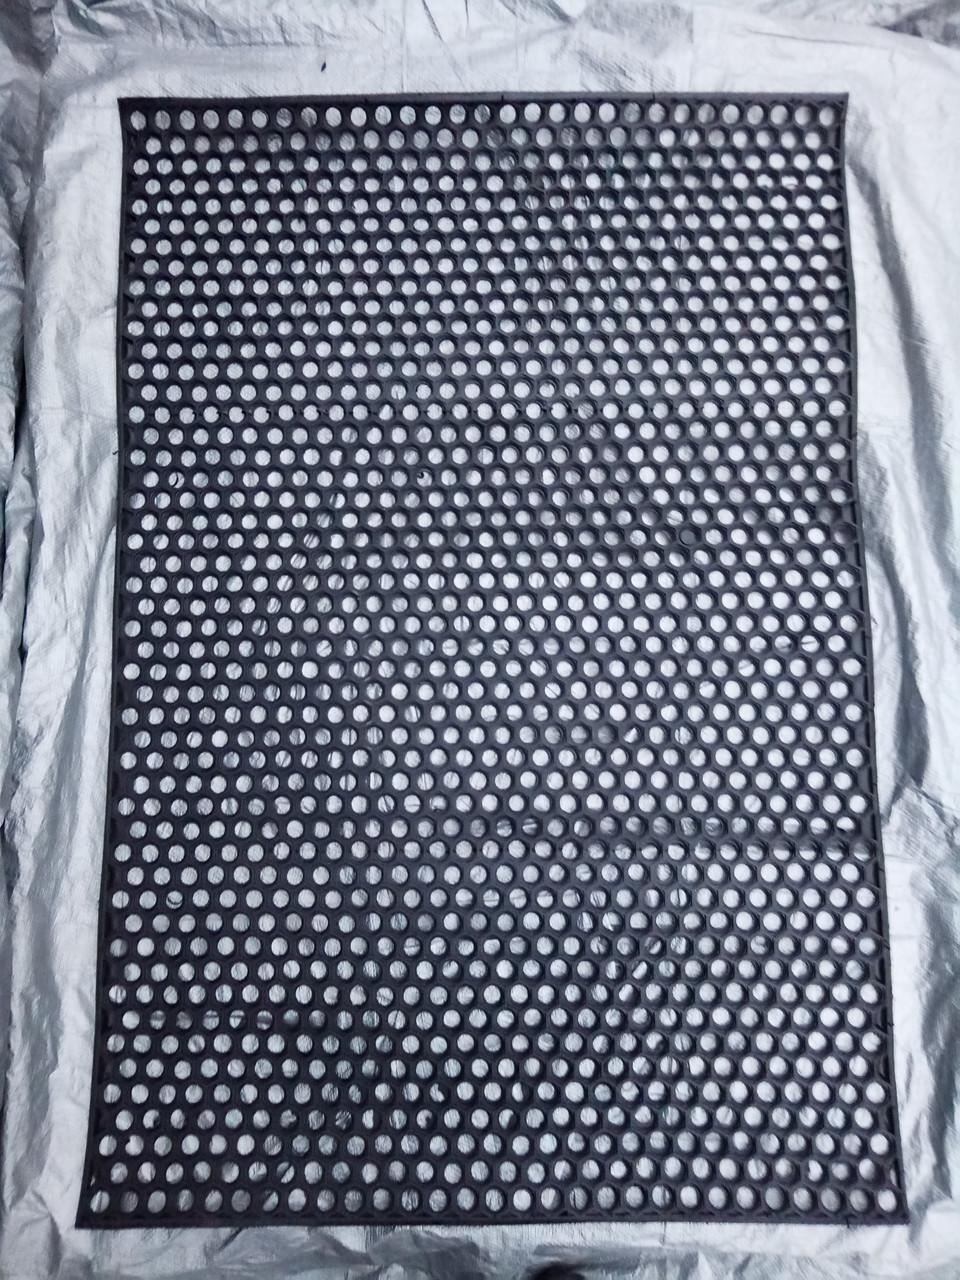 Коврик Резиновый Сота размер 120*80 см (высота ковра - 1 см)